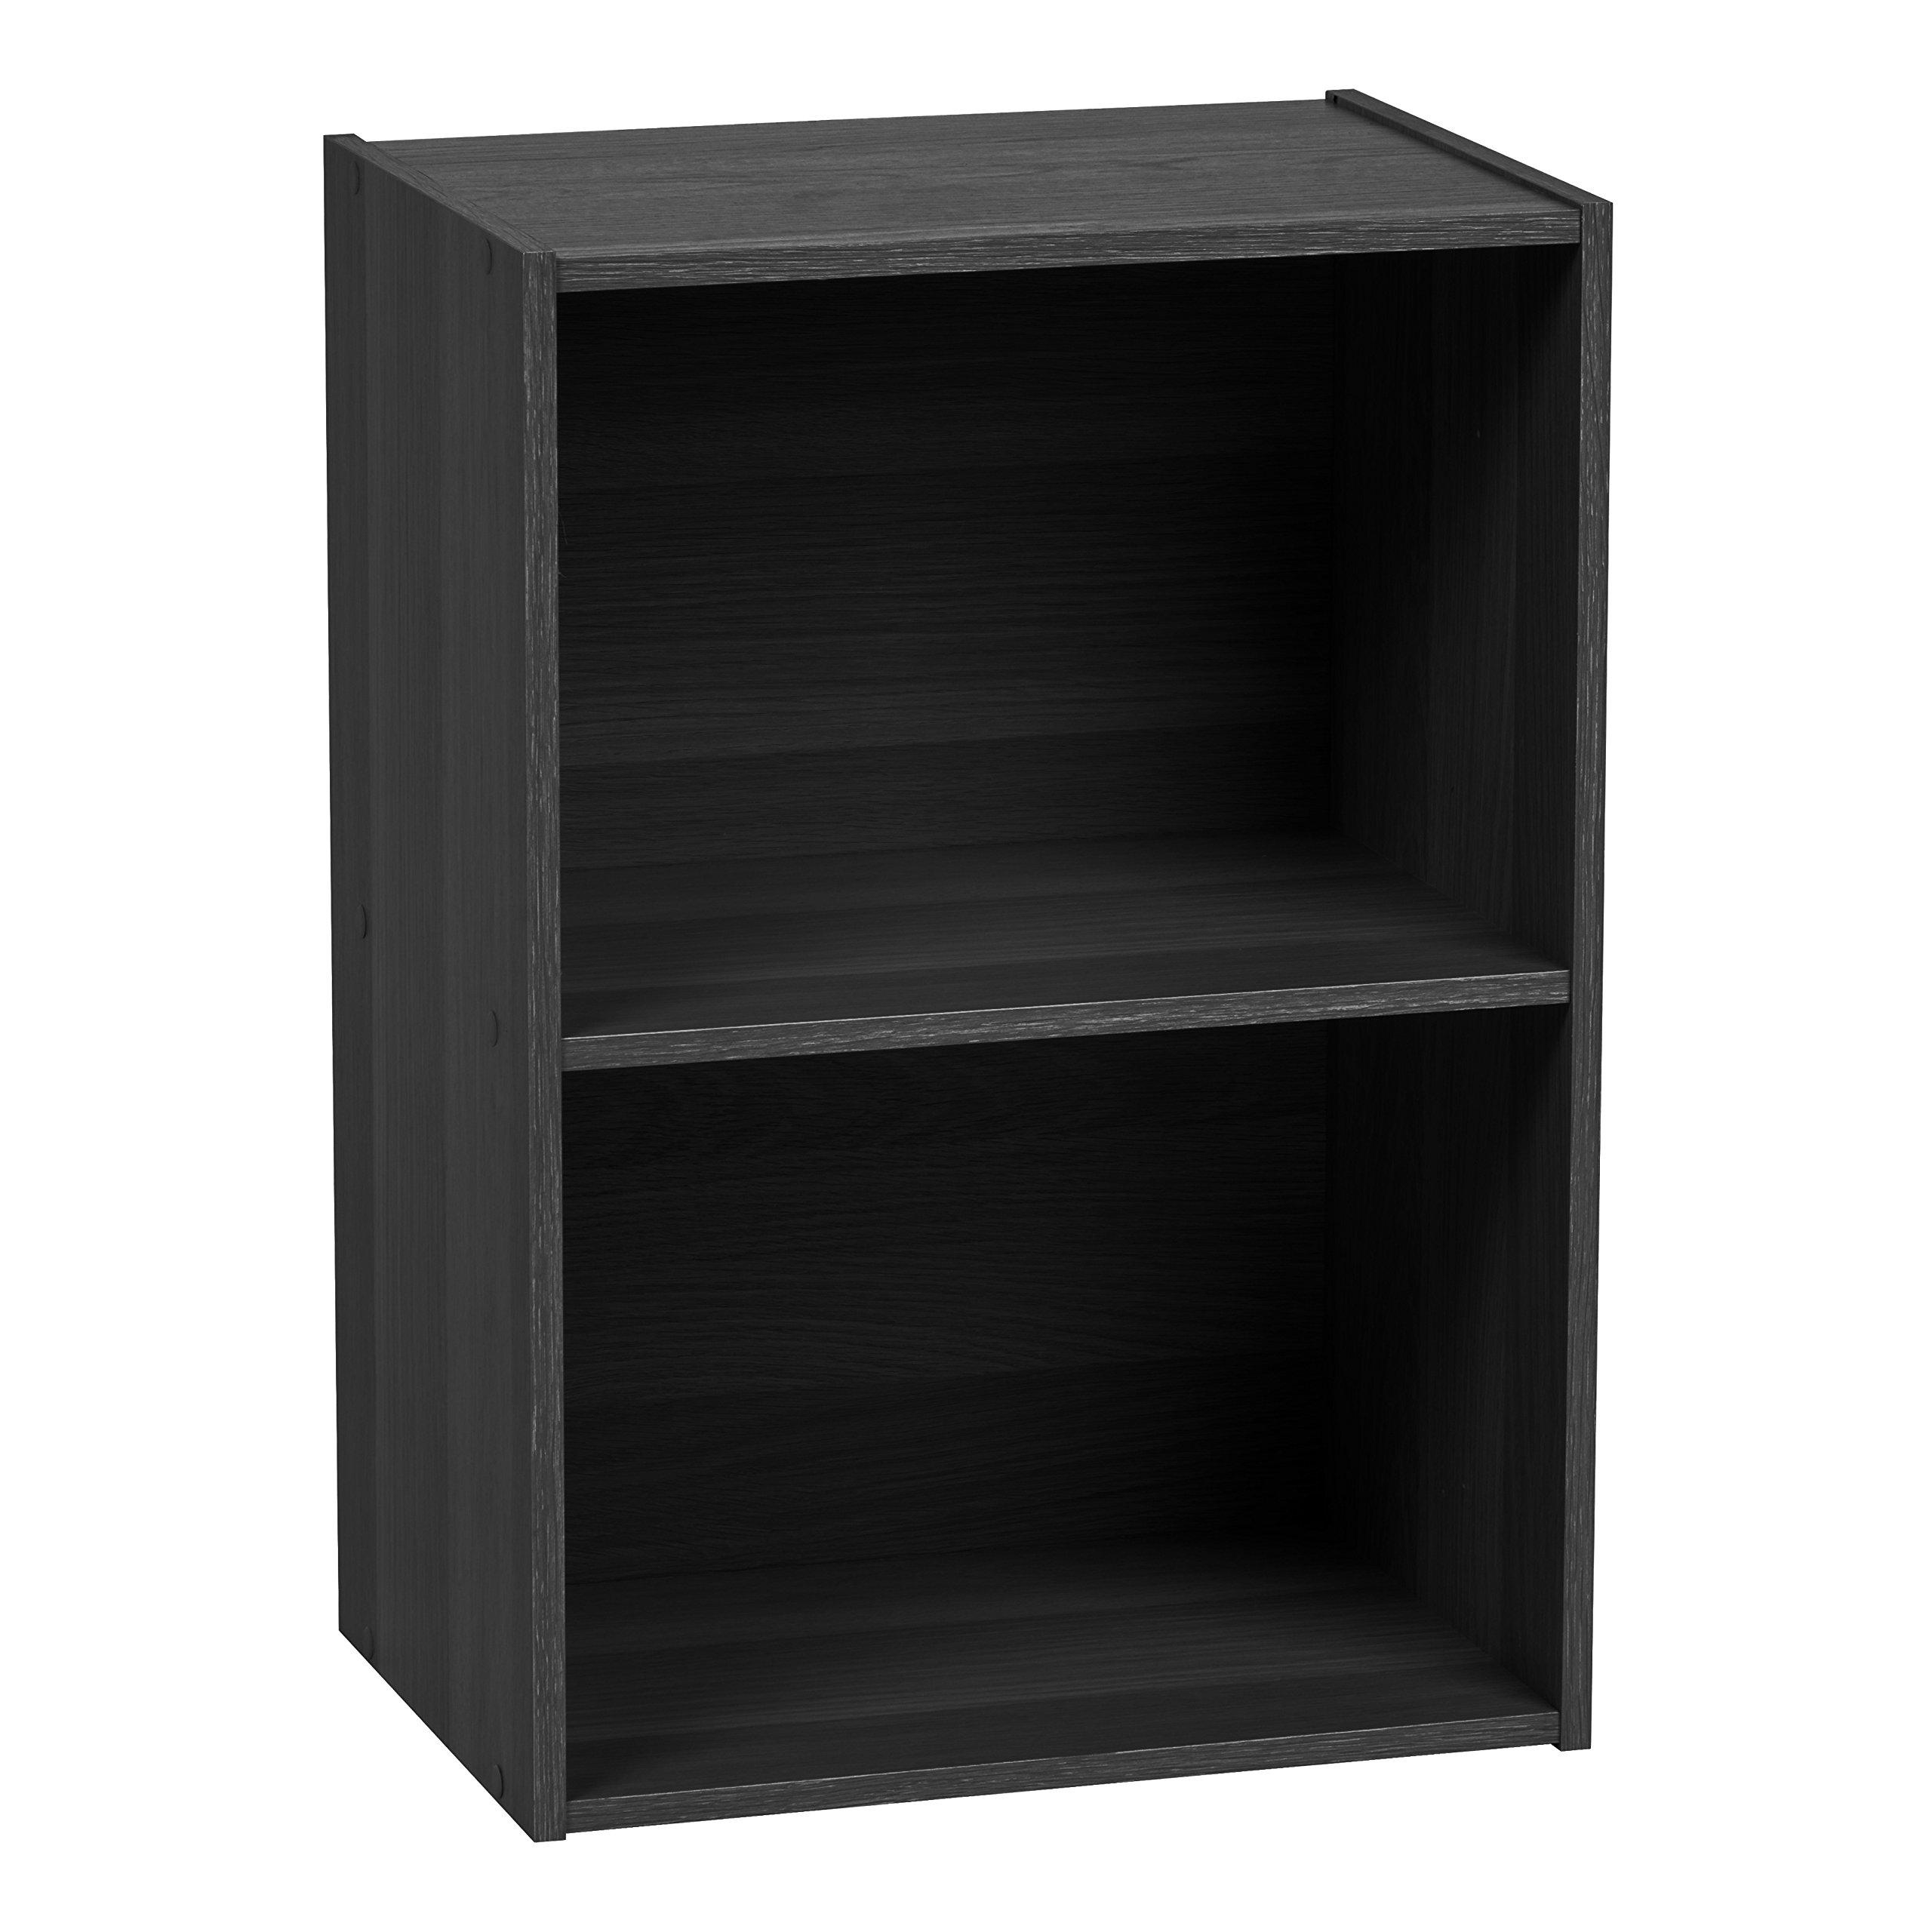 IRIS USA 2-Tier Wood Storage Shelf, Black by IRIS USA, Inc.